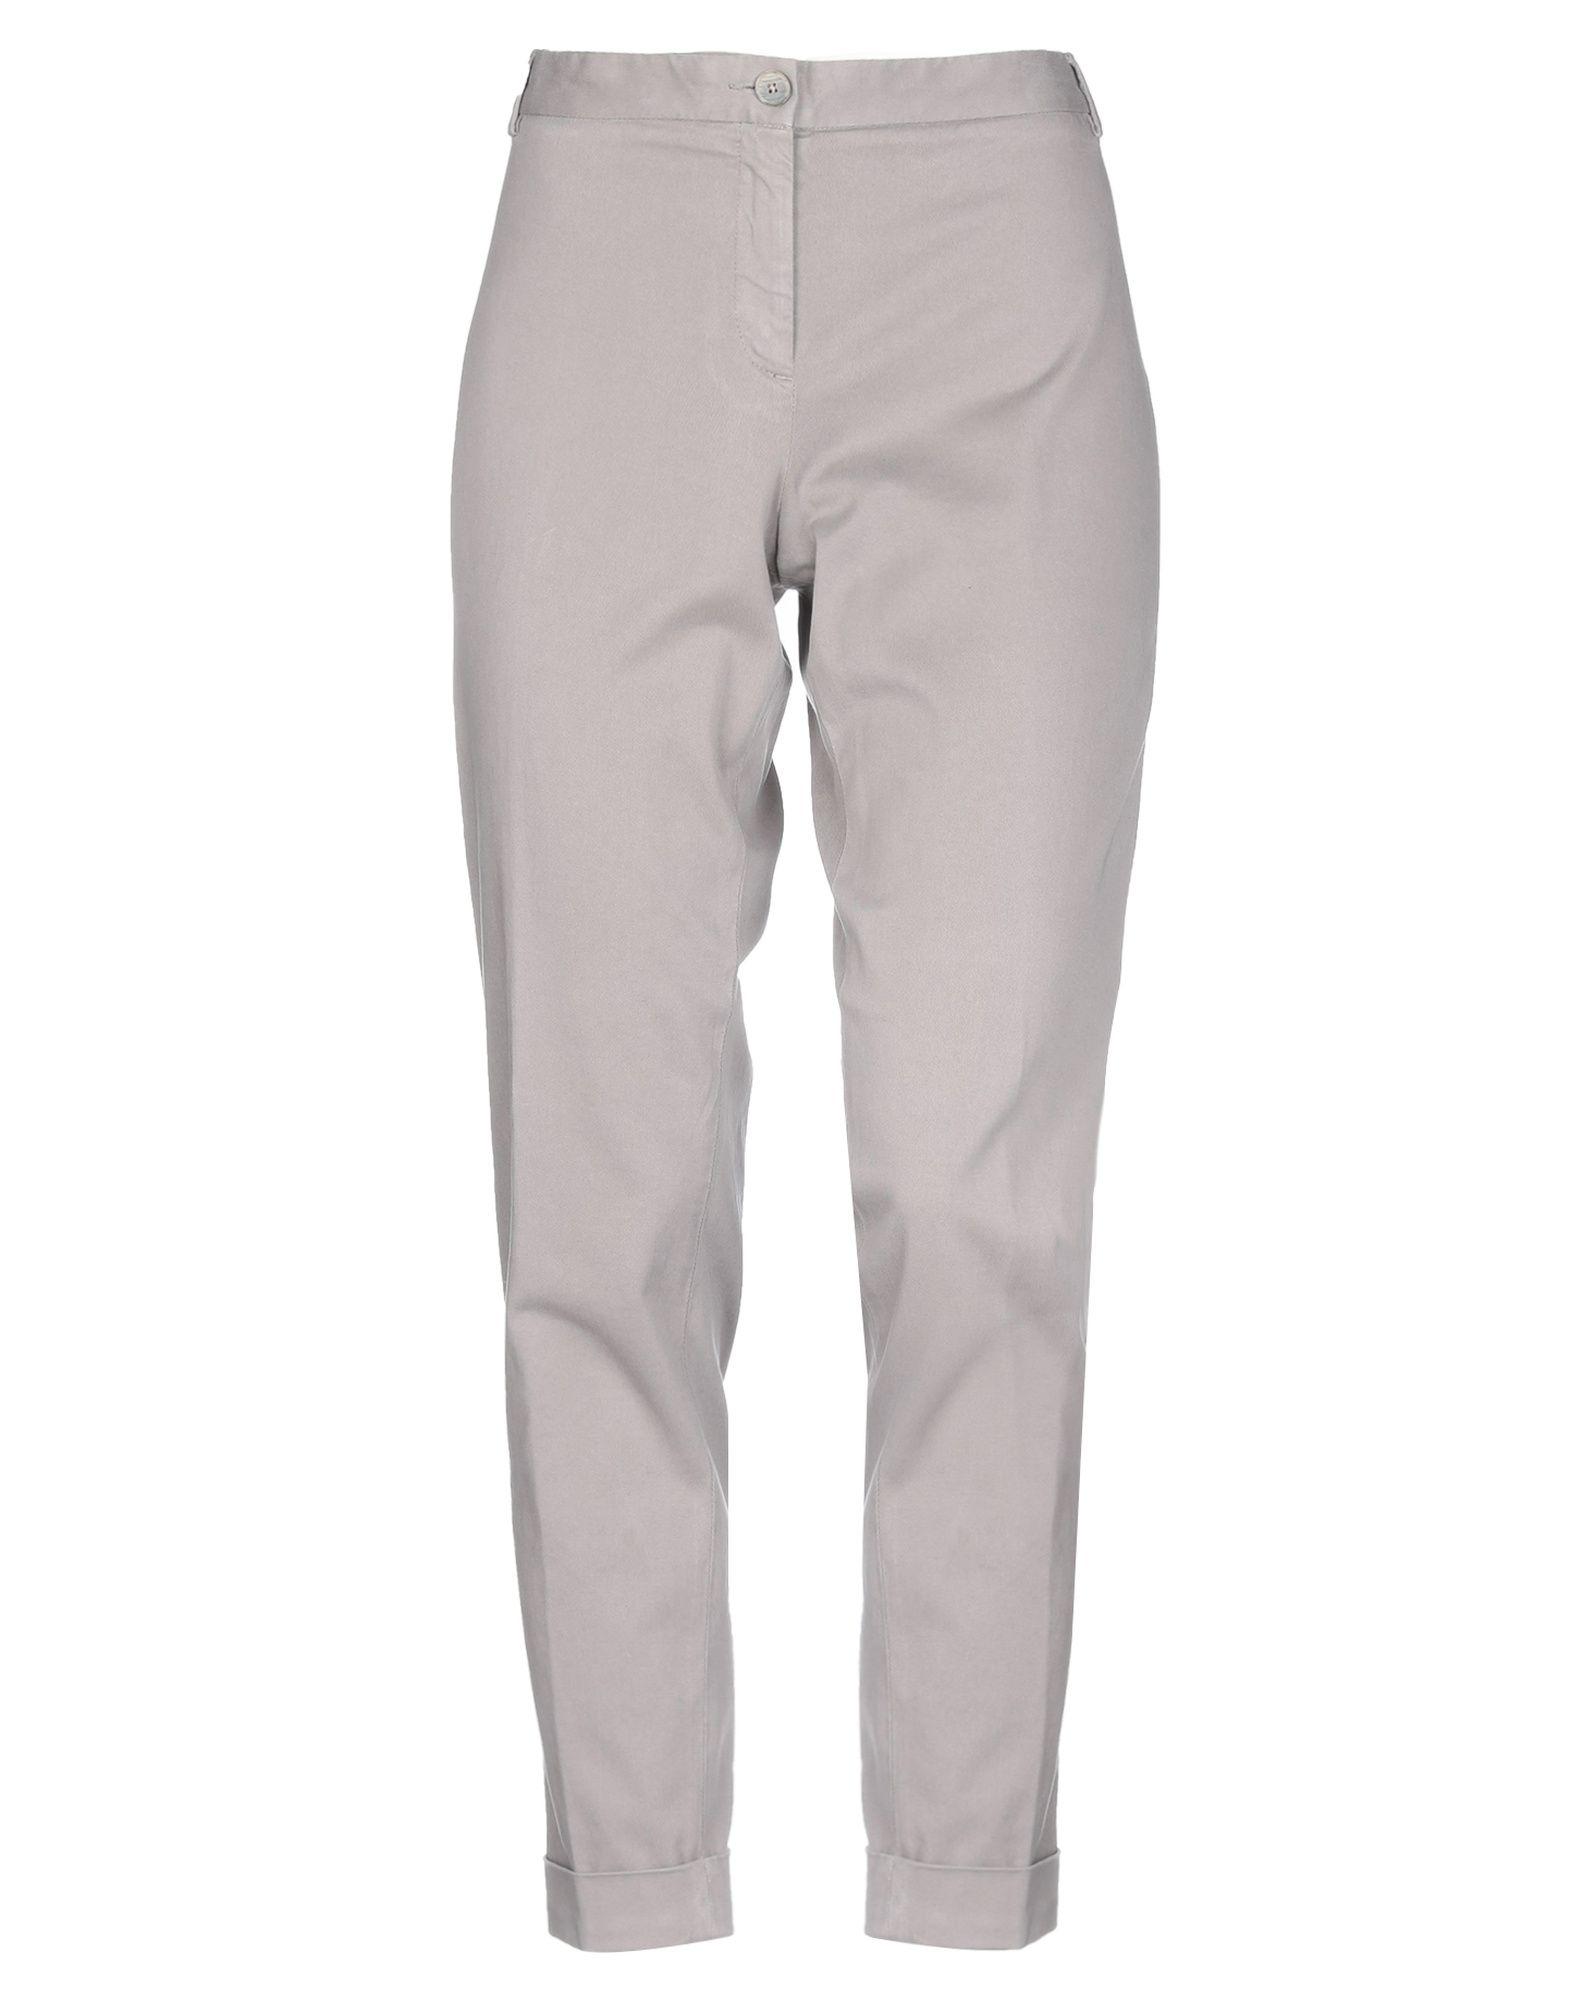 Pantalone Fabiana Fabiana Fabiana Filippi donna - 13327503JK fe3